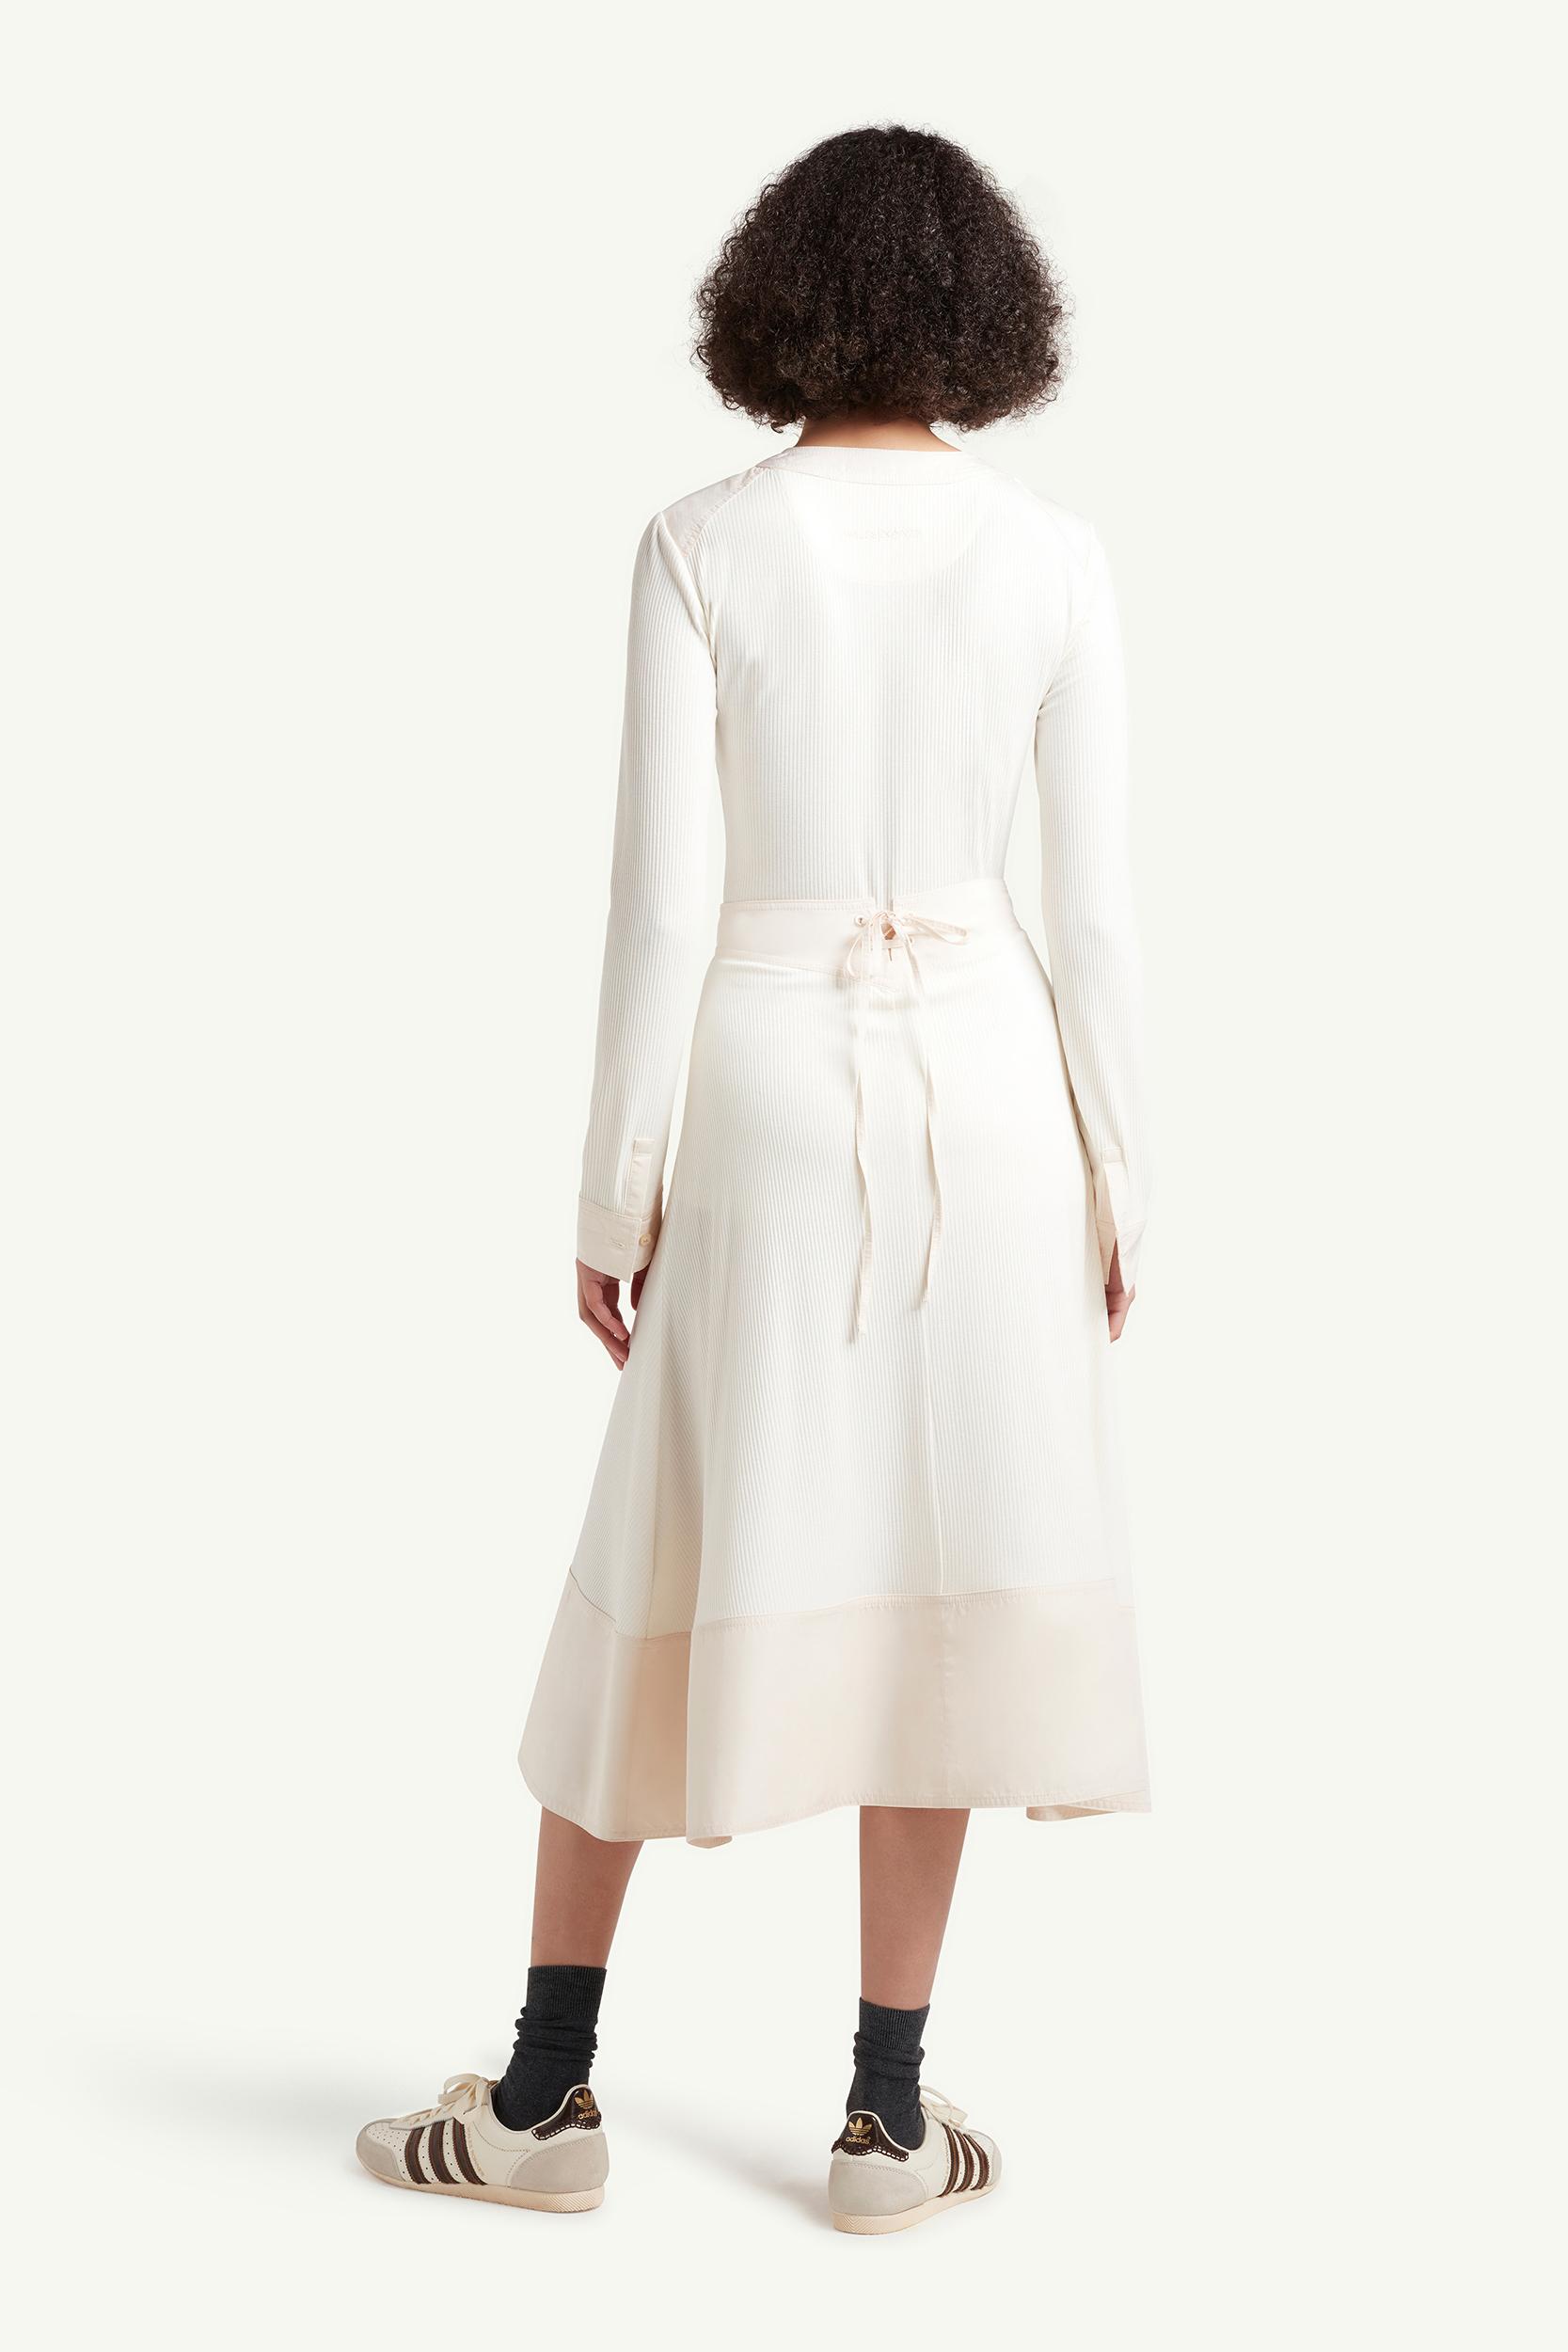 Back side shot of womenswear model wearing Wales Bonner Womenswear Model wearing a white long dress | LRP